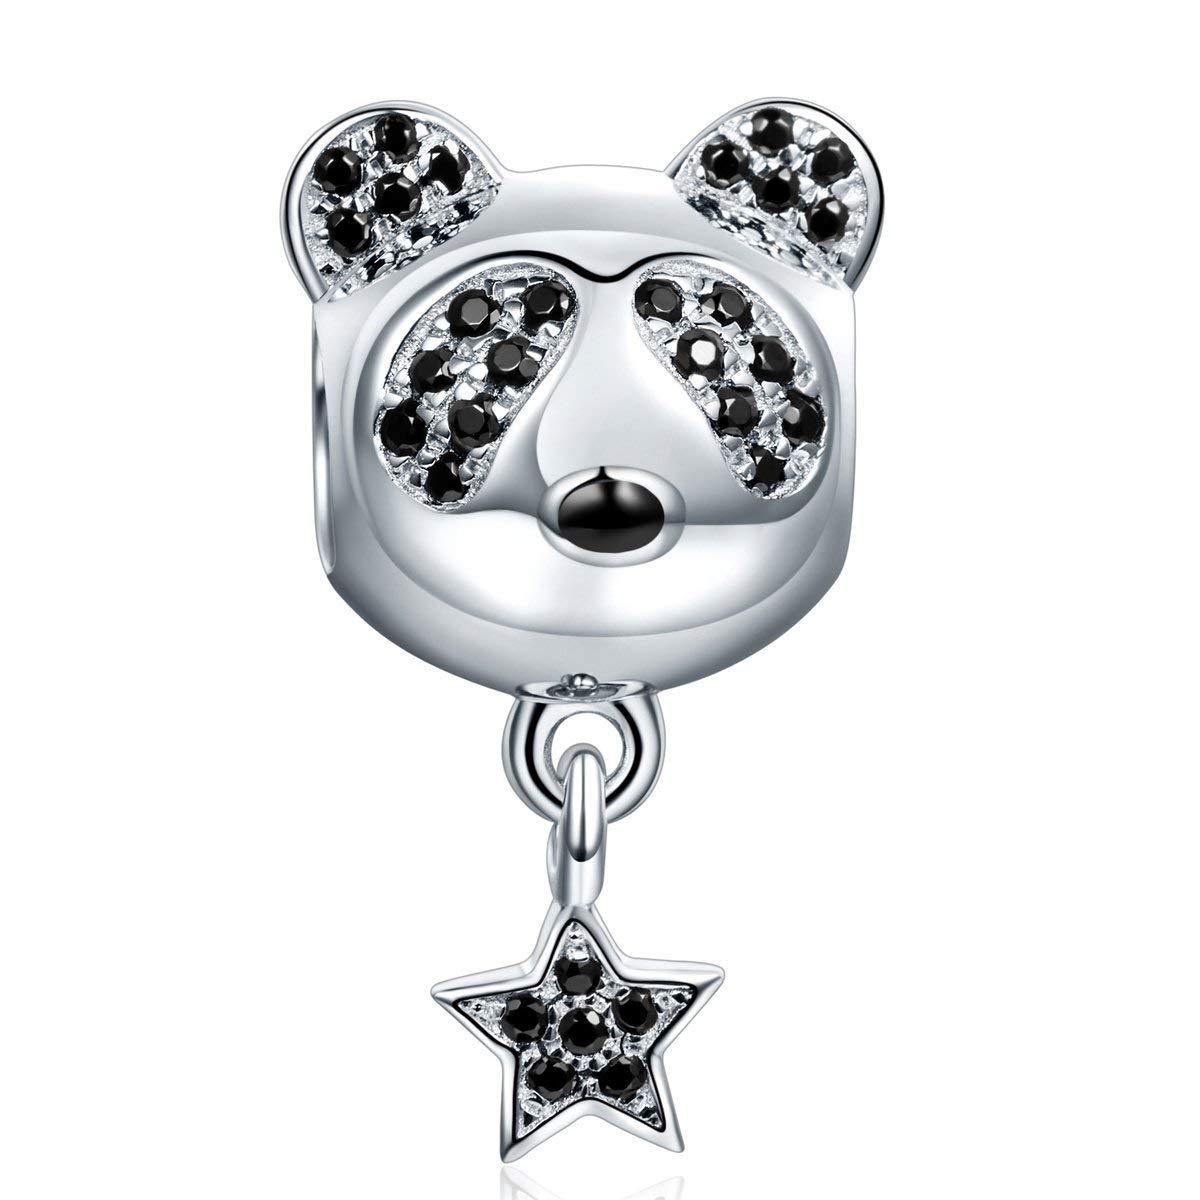 SGS passante Free Nickel NINAQUEEN Panda stella Ciondolo Bead da donna argento sterling 925 Elegante confezione regalo